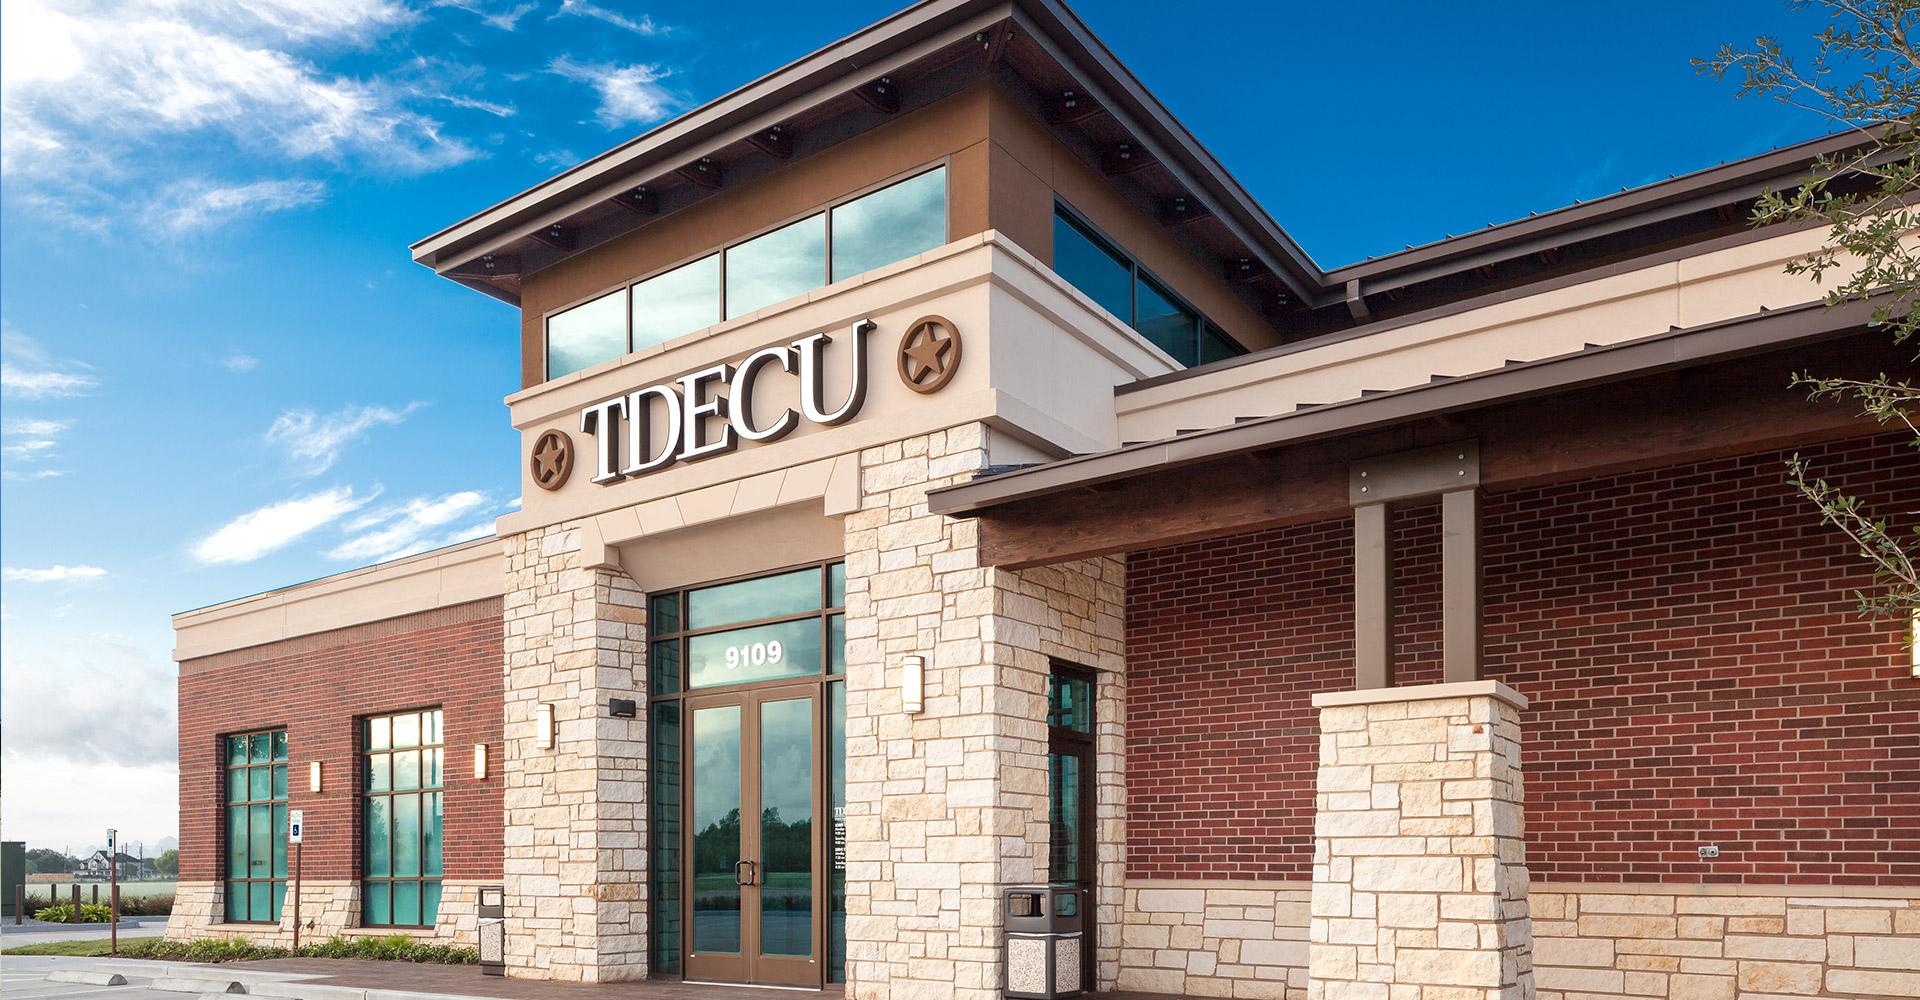 TDECU Retail Center exterior.